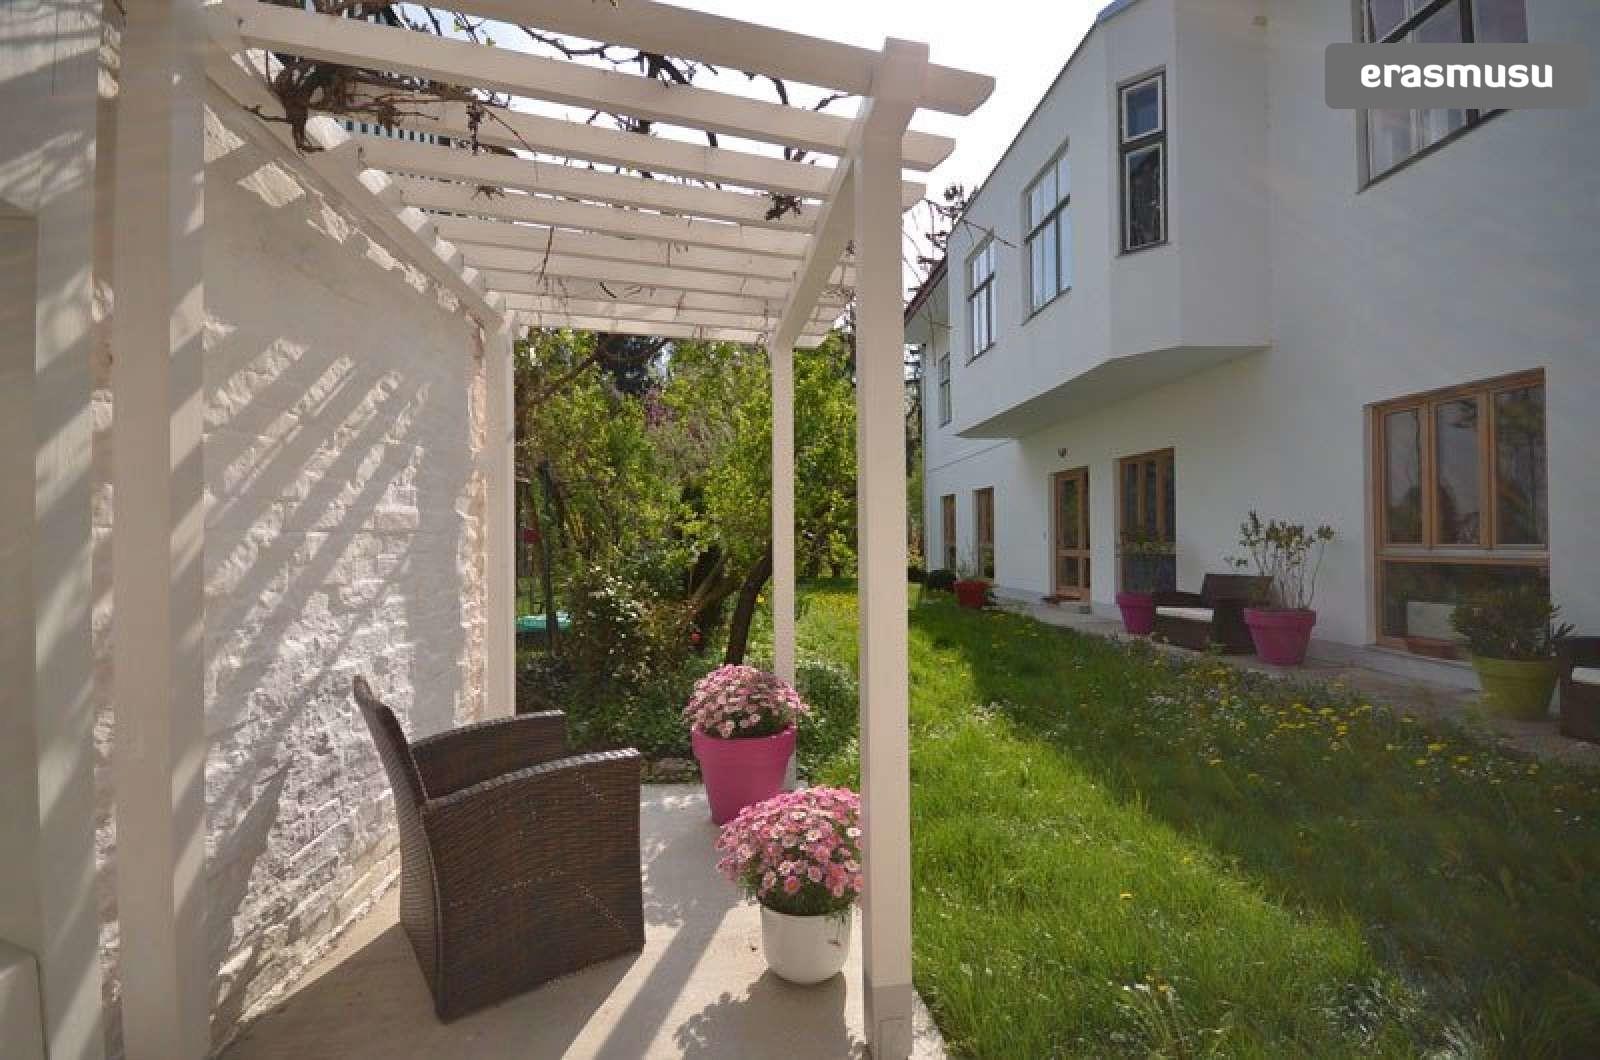 bright-studio-apartment-rent-near-ober-st-veit-u-bahn-station-3e